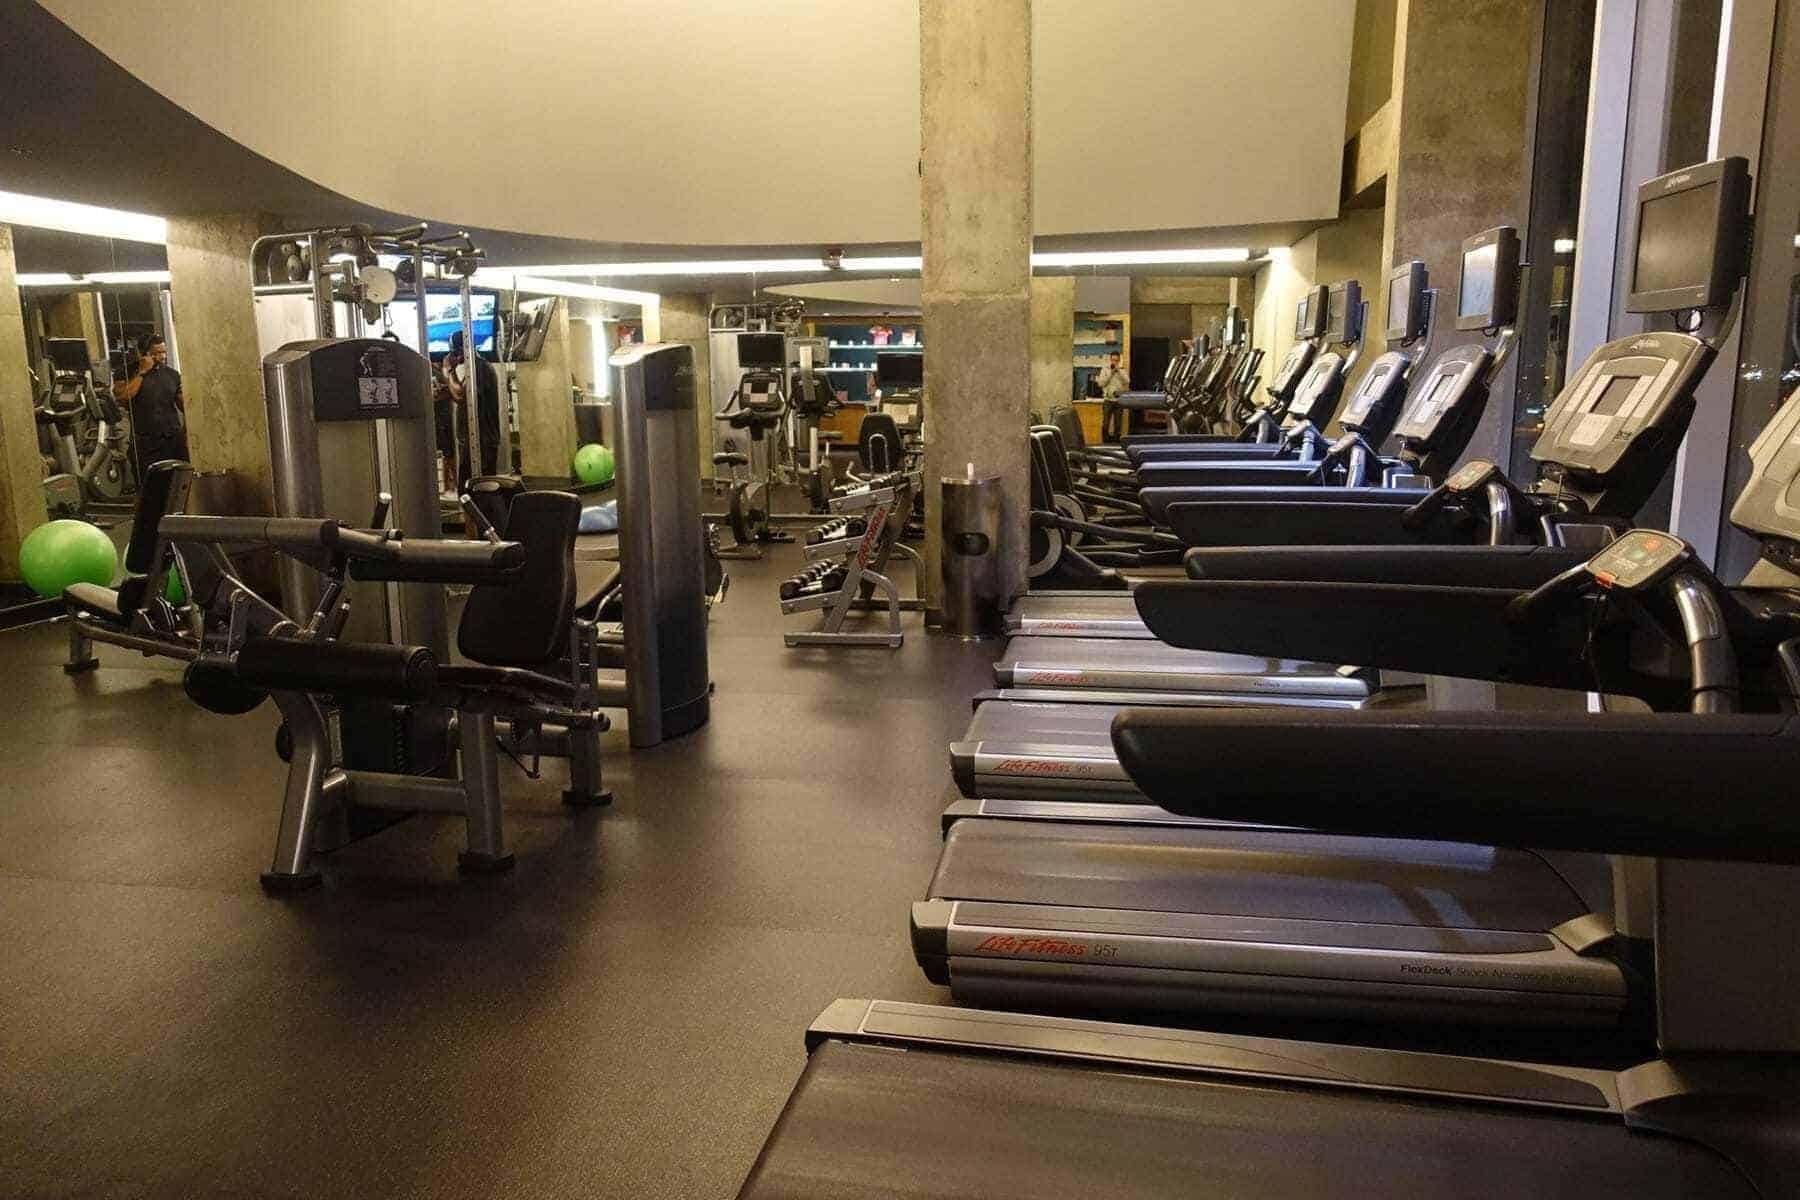 marriott terminal aeroport montreal yul salle de sport